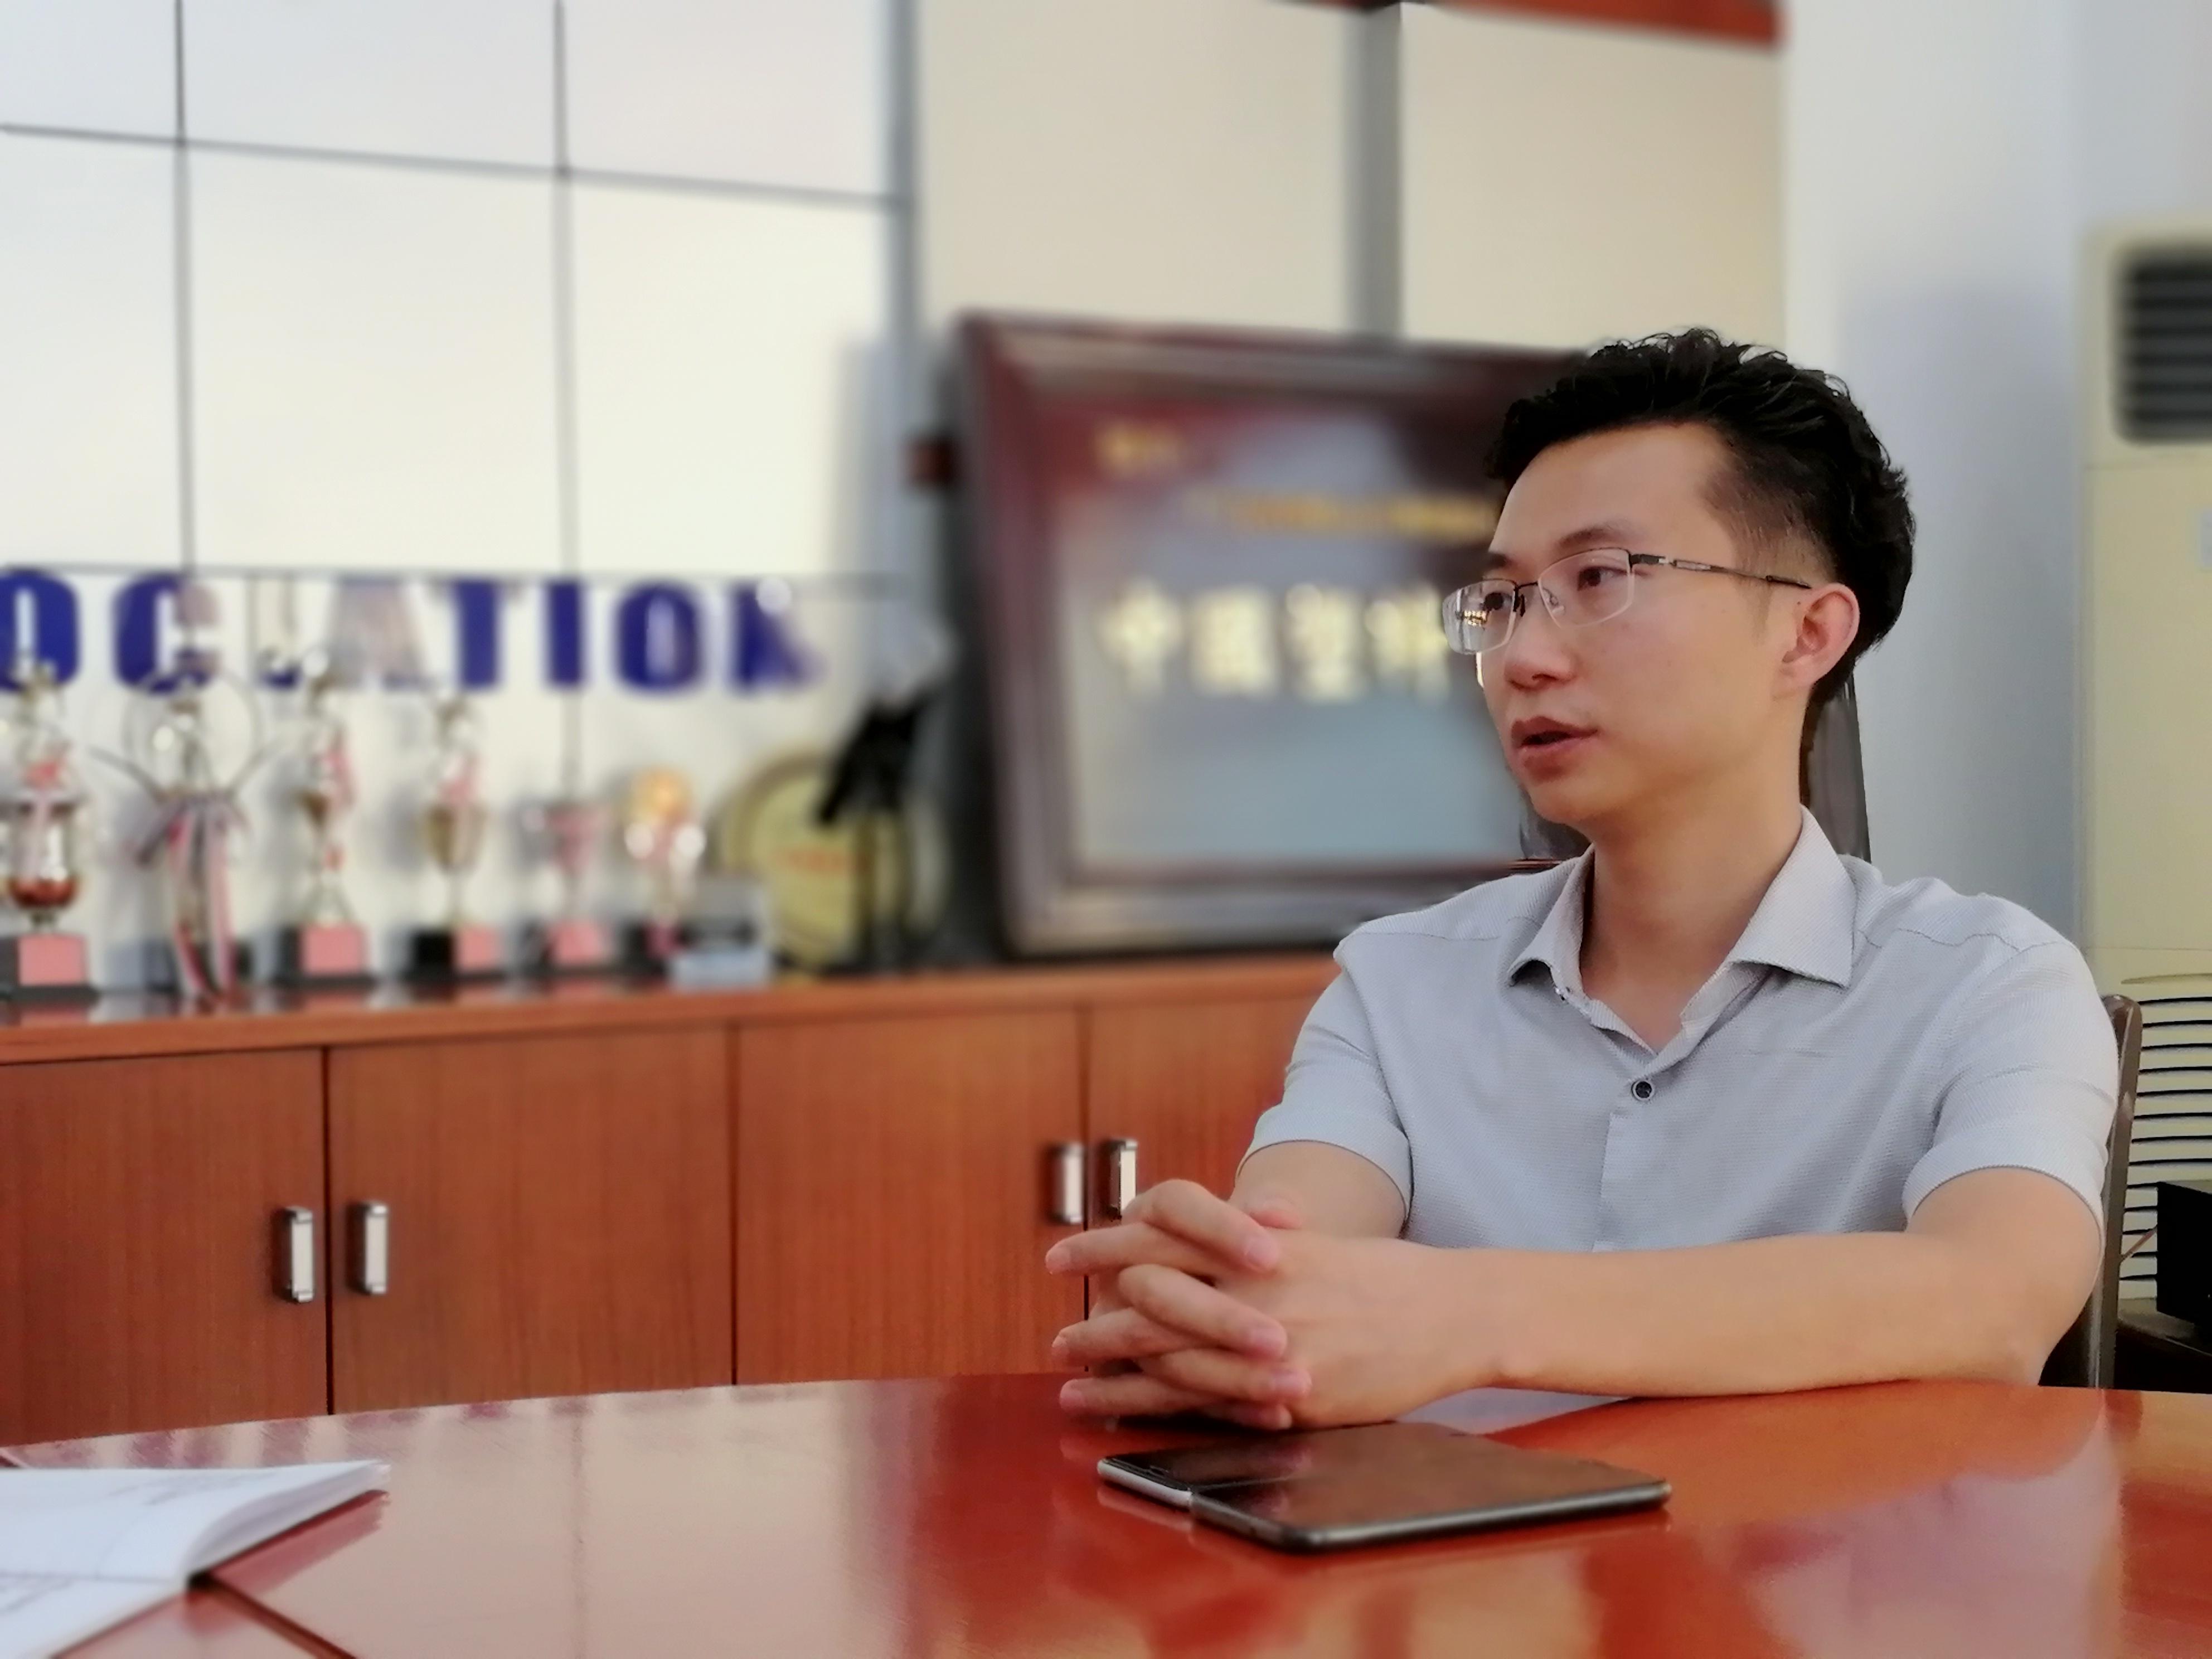 刘志彬:突围产业互联网,不仅要爆发力,还要有持久力——中塑之都两周年独家访谈